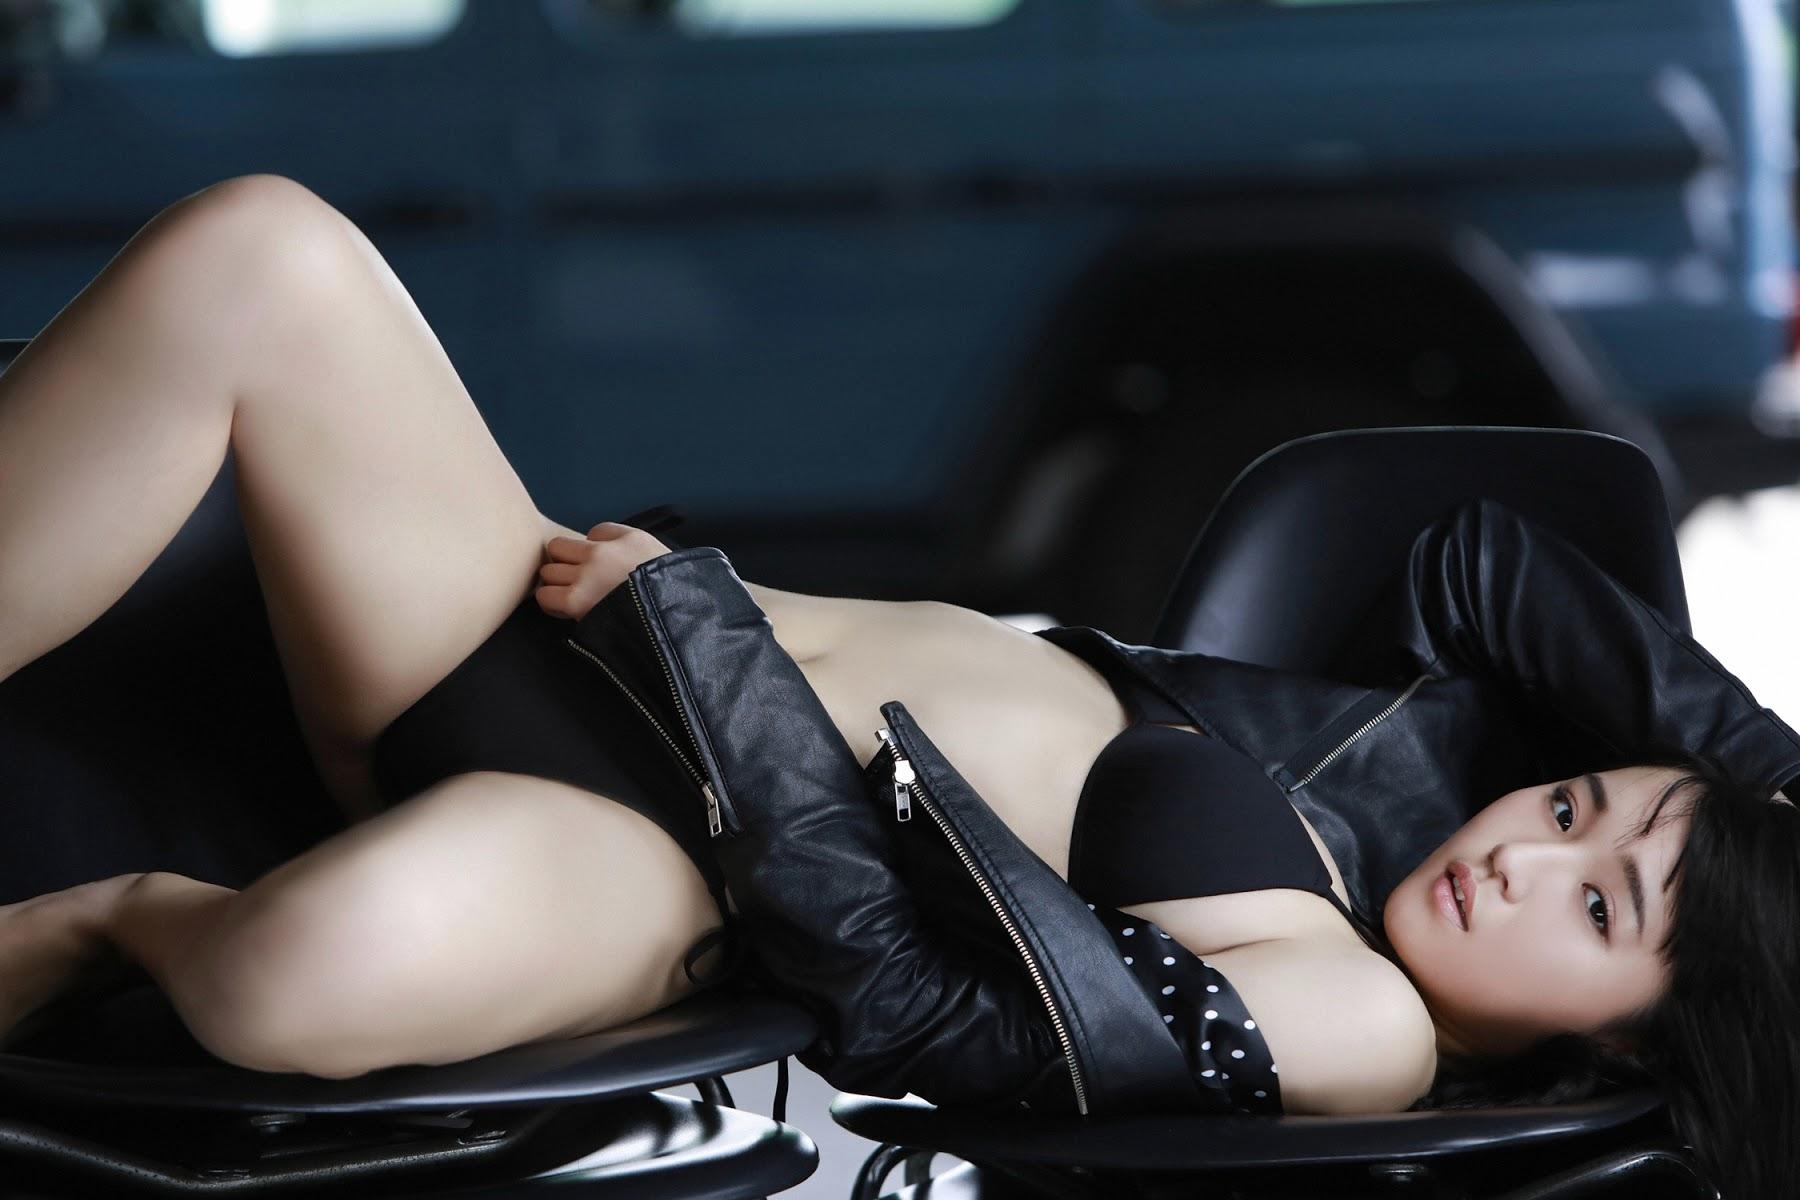 NANA ASAKAWA HOT SHOT044